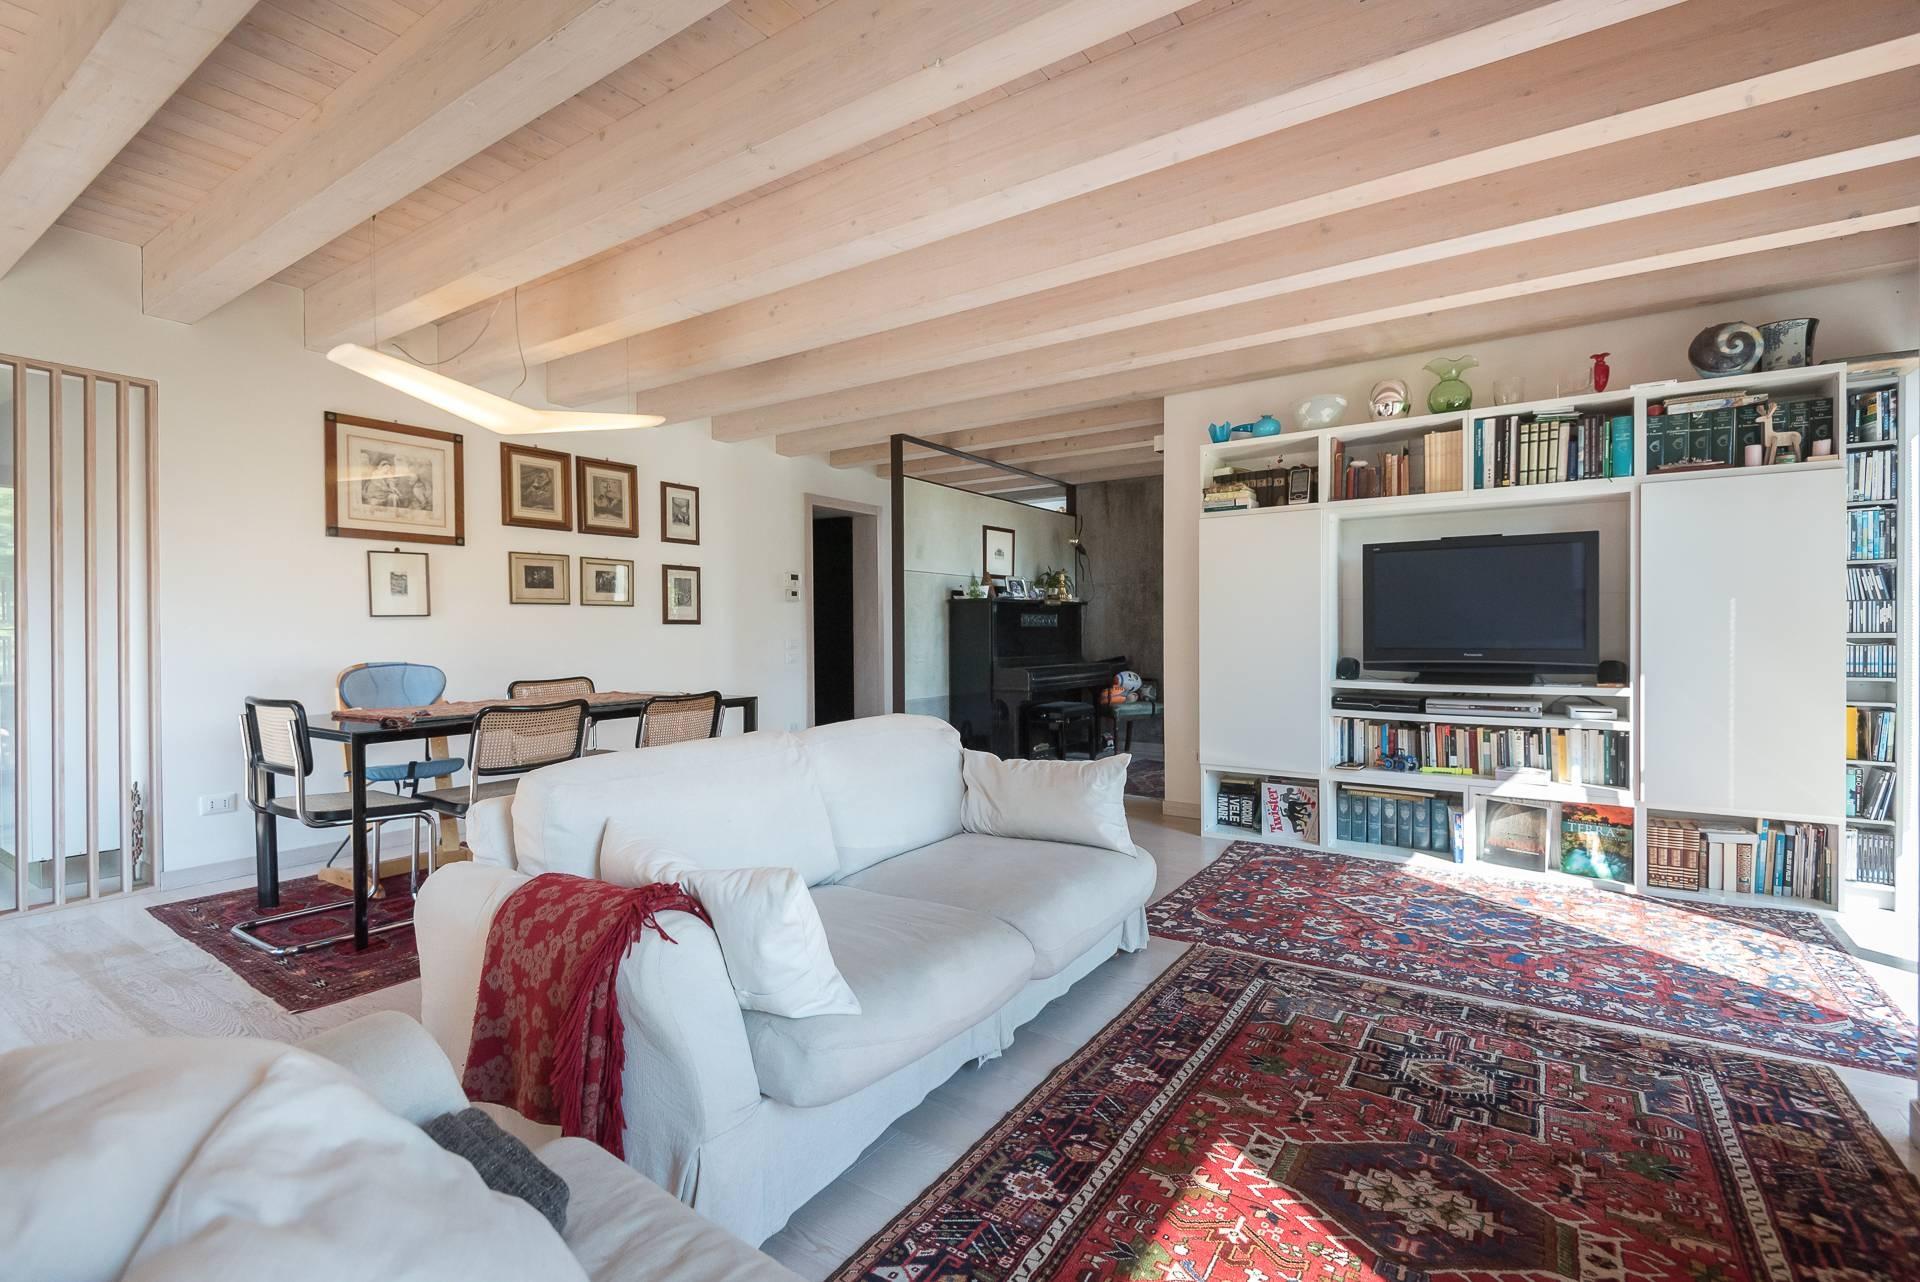 Comune Di Ponzano Veneto villa in vendita a ponzano veneto cod. 850